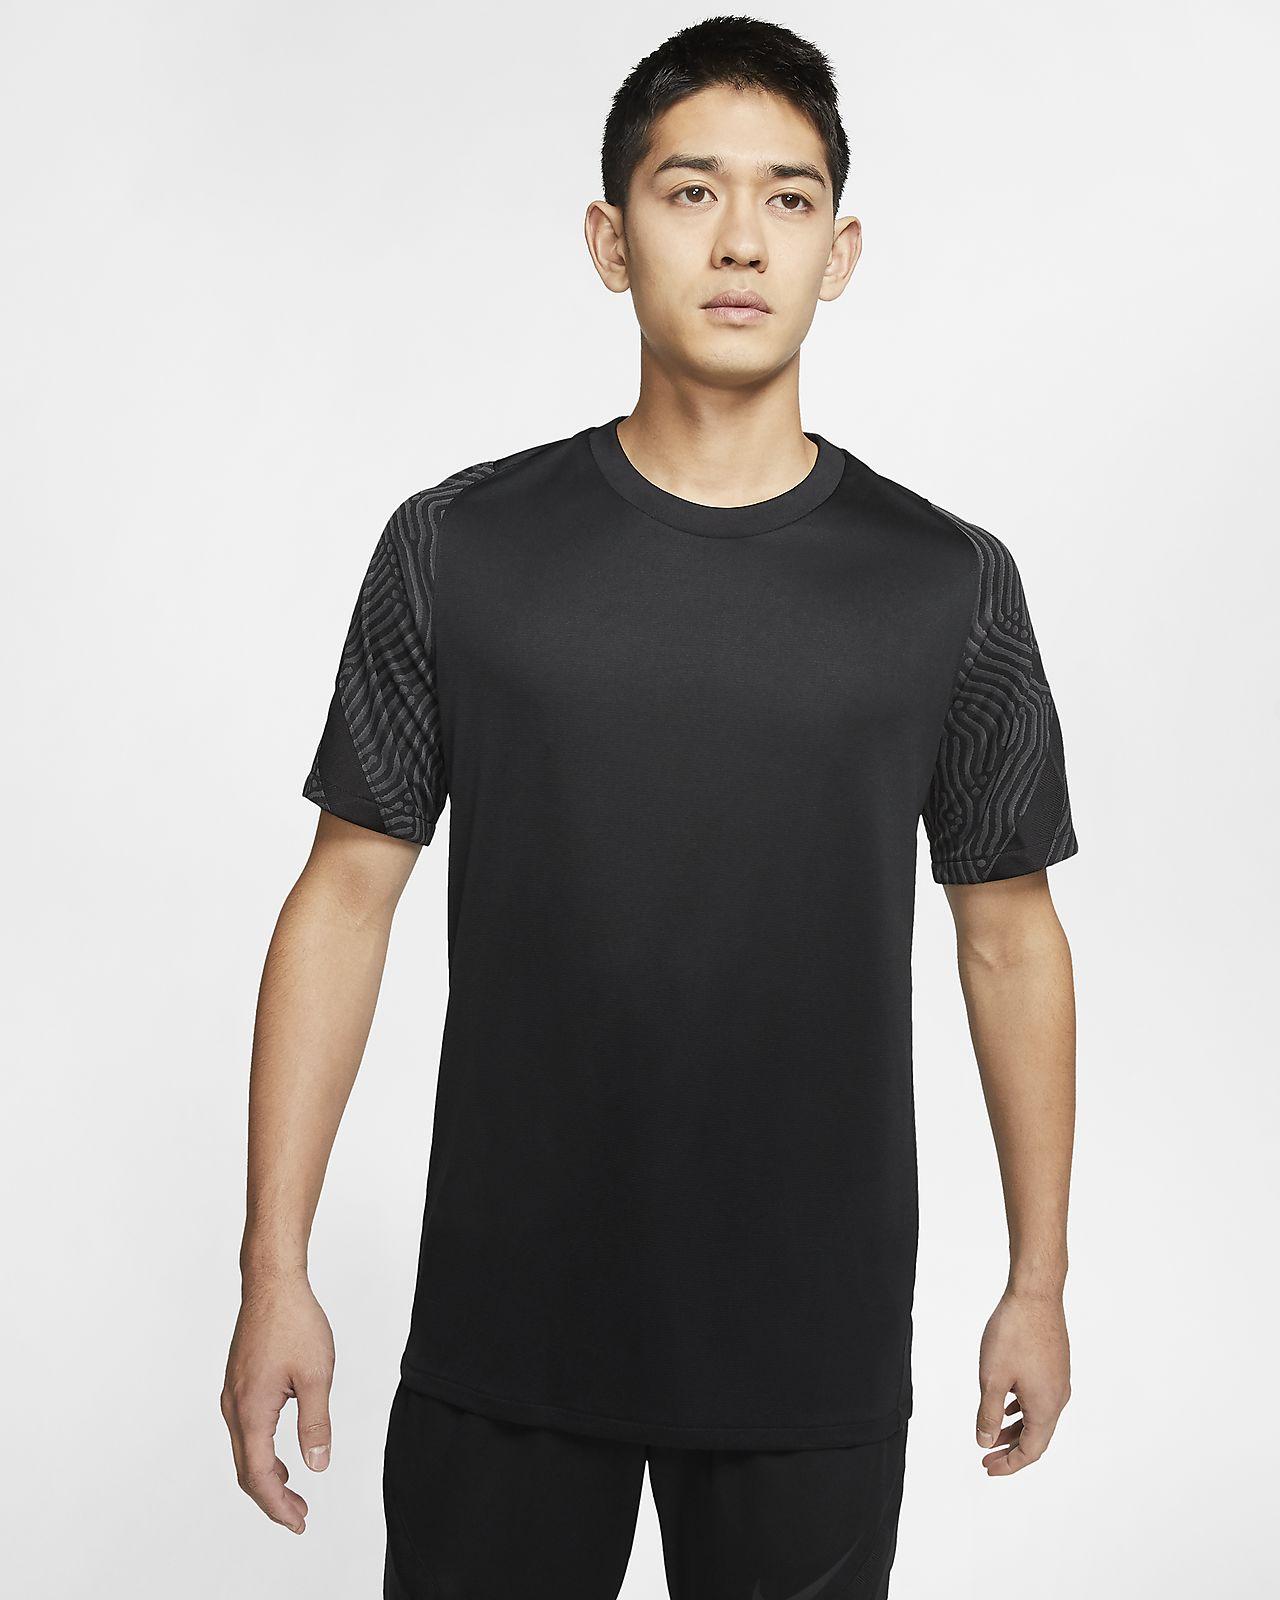 Maglia da calcio a manica corta Nike Dri-FIT Strike - Uomo